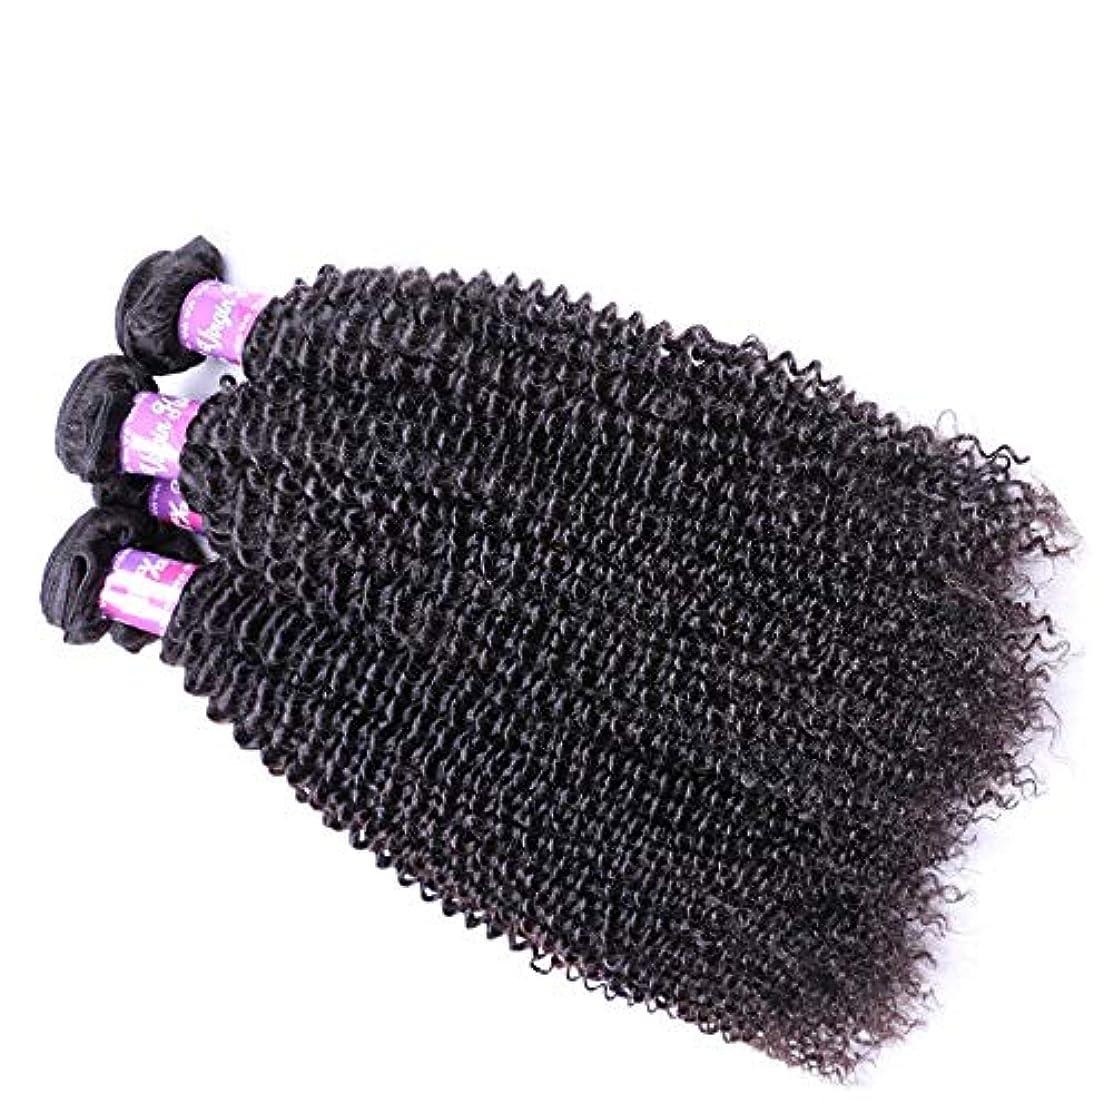 畝間困惑した艦隊SRY-Wigファッション ヨーロッパとアメリカの黒人女性のための長い巻き毛の波状の黒い色の高温合成ウィッグ130%密度のかつら (Color : ブラック, Size : 16inch)